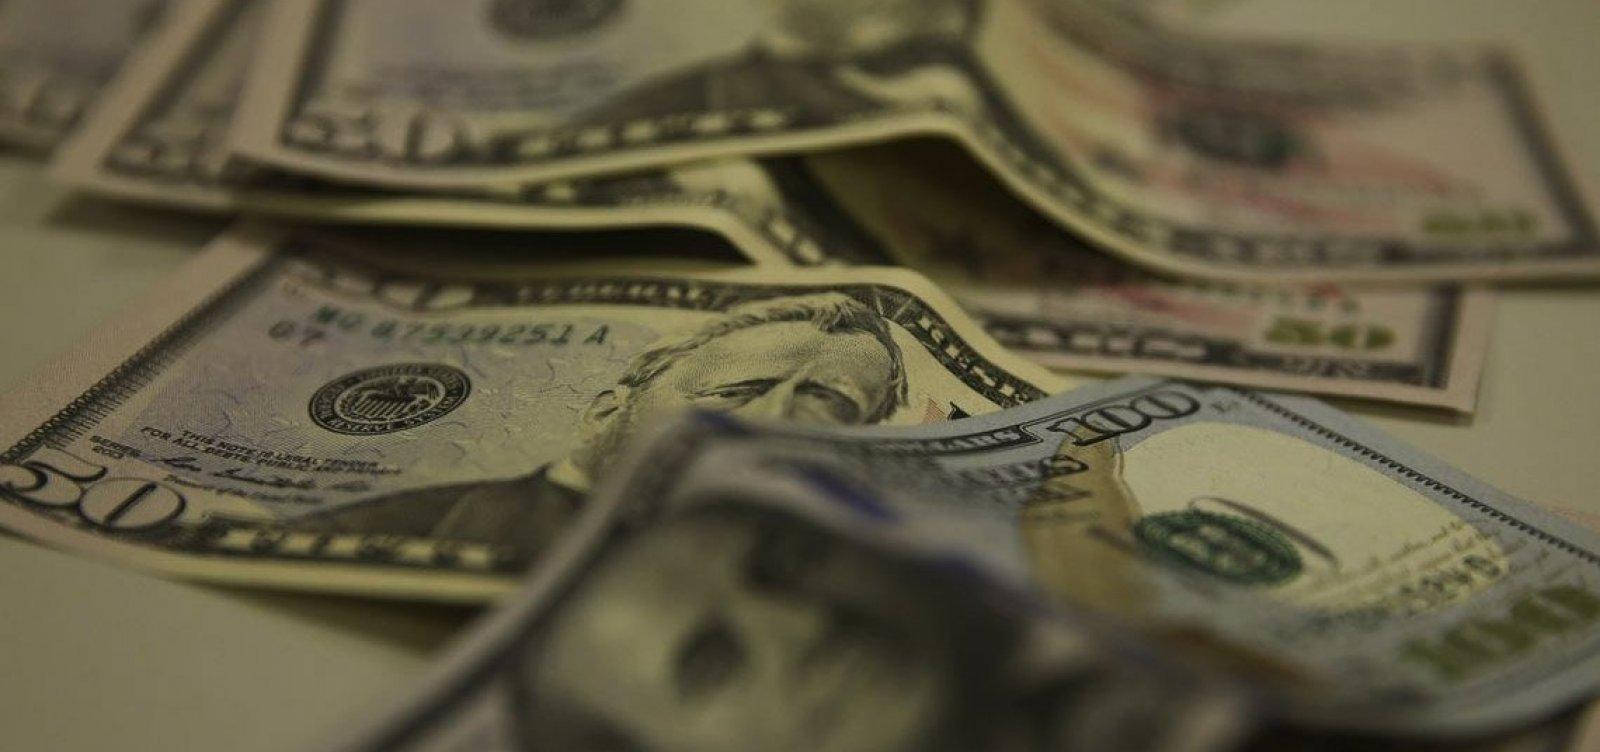 [Com mudança na Petrobras, dólar fecha em alta de 1,26%]